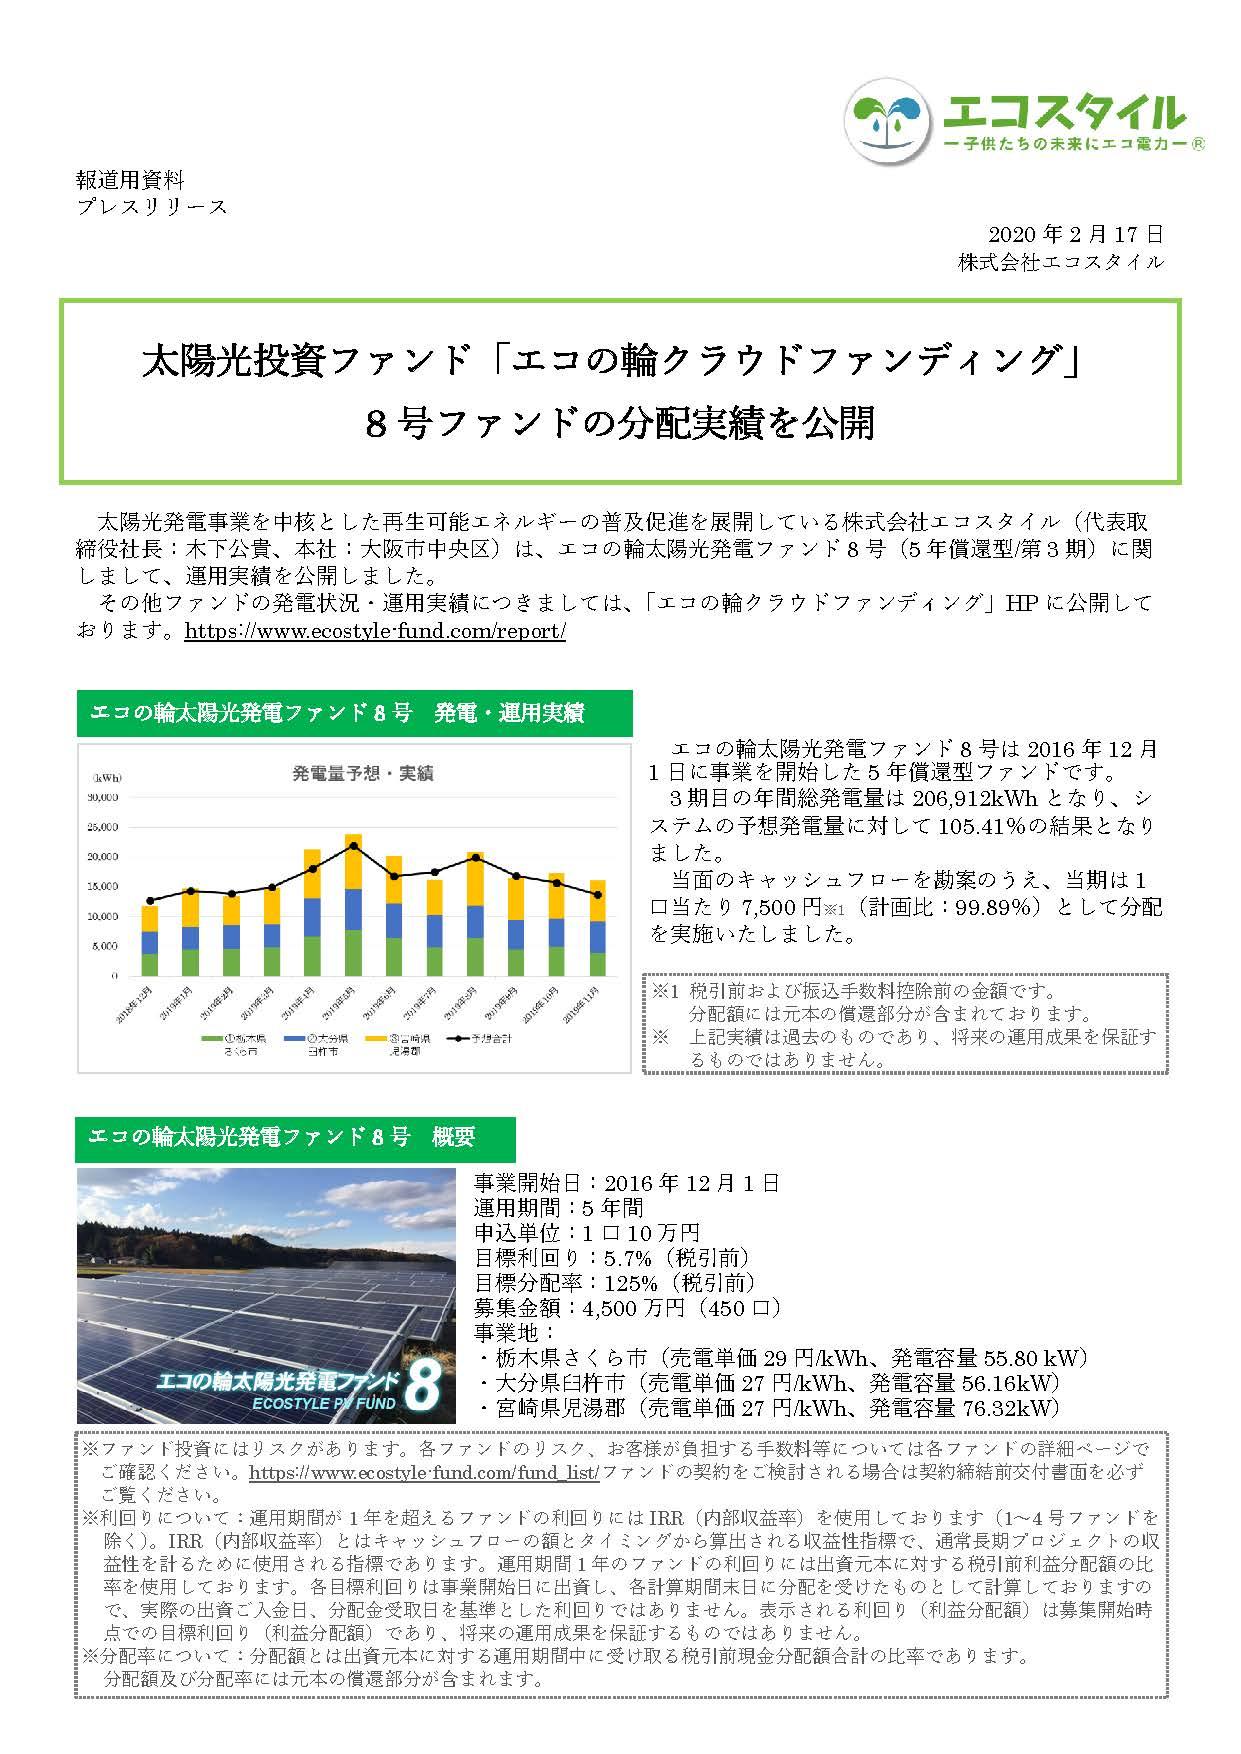 太陽光投資ファンド「エコの輪クラウドファンディング」8号ファンドの分配実績を公開